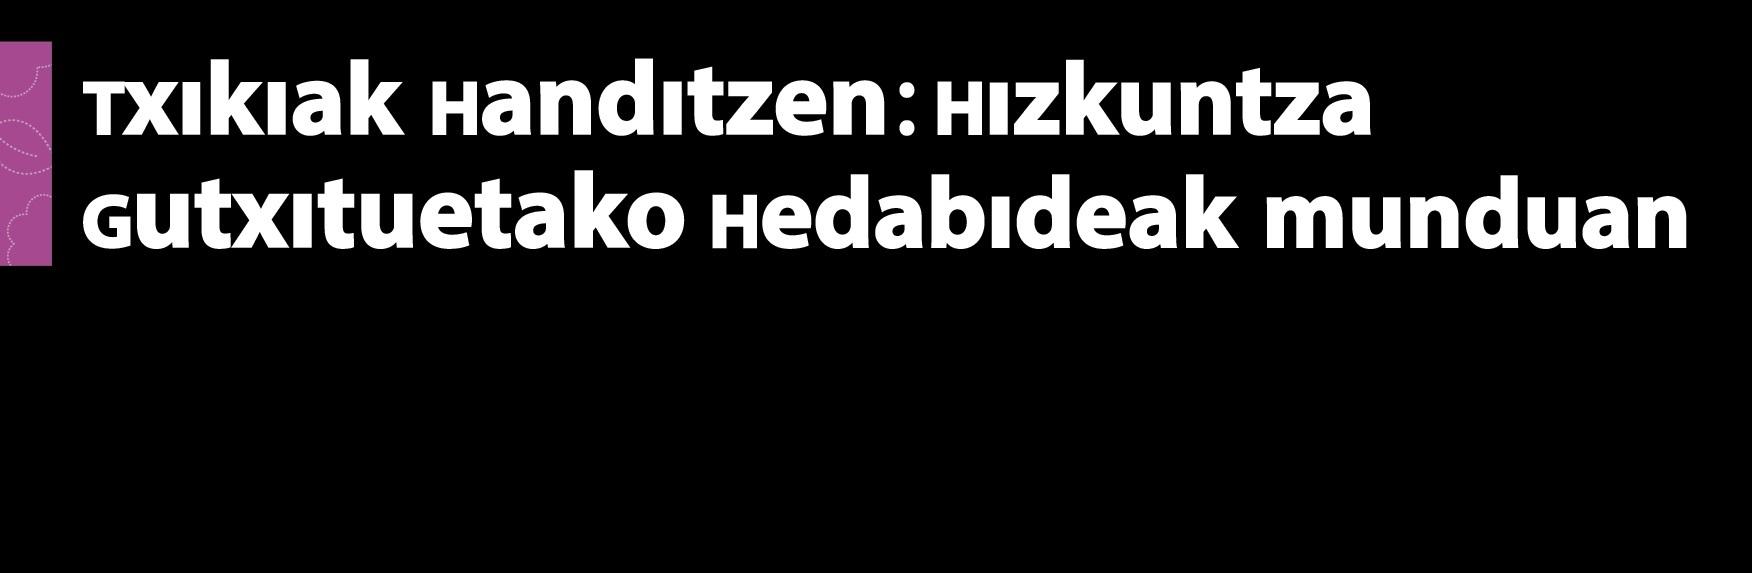 HIZKUNTZA GUTXITUETAKO HEDABIDEEN TOPAKETA EUSKAL HERRIAN